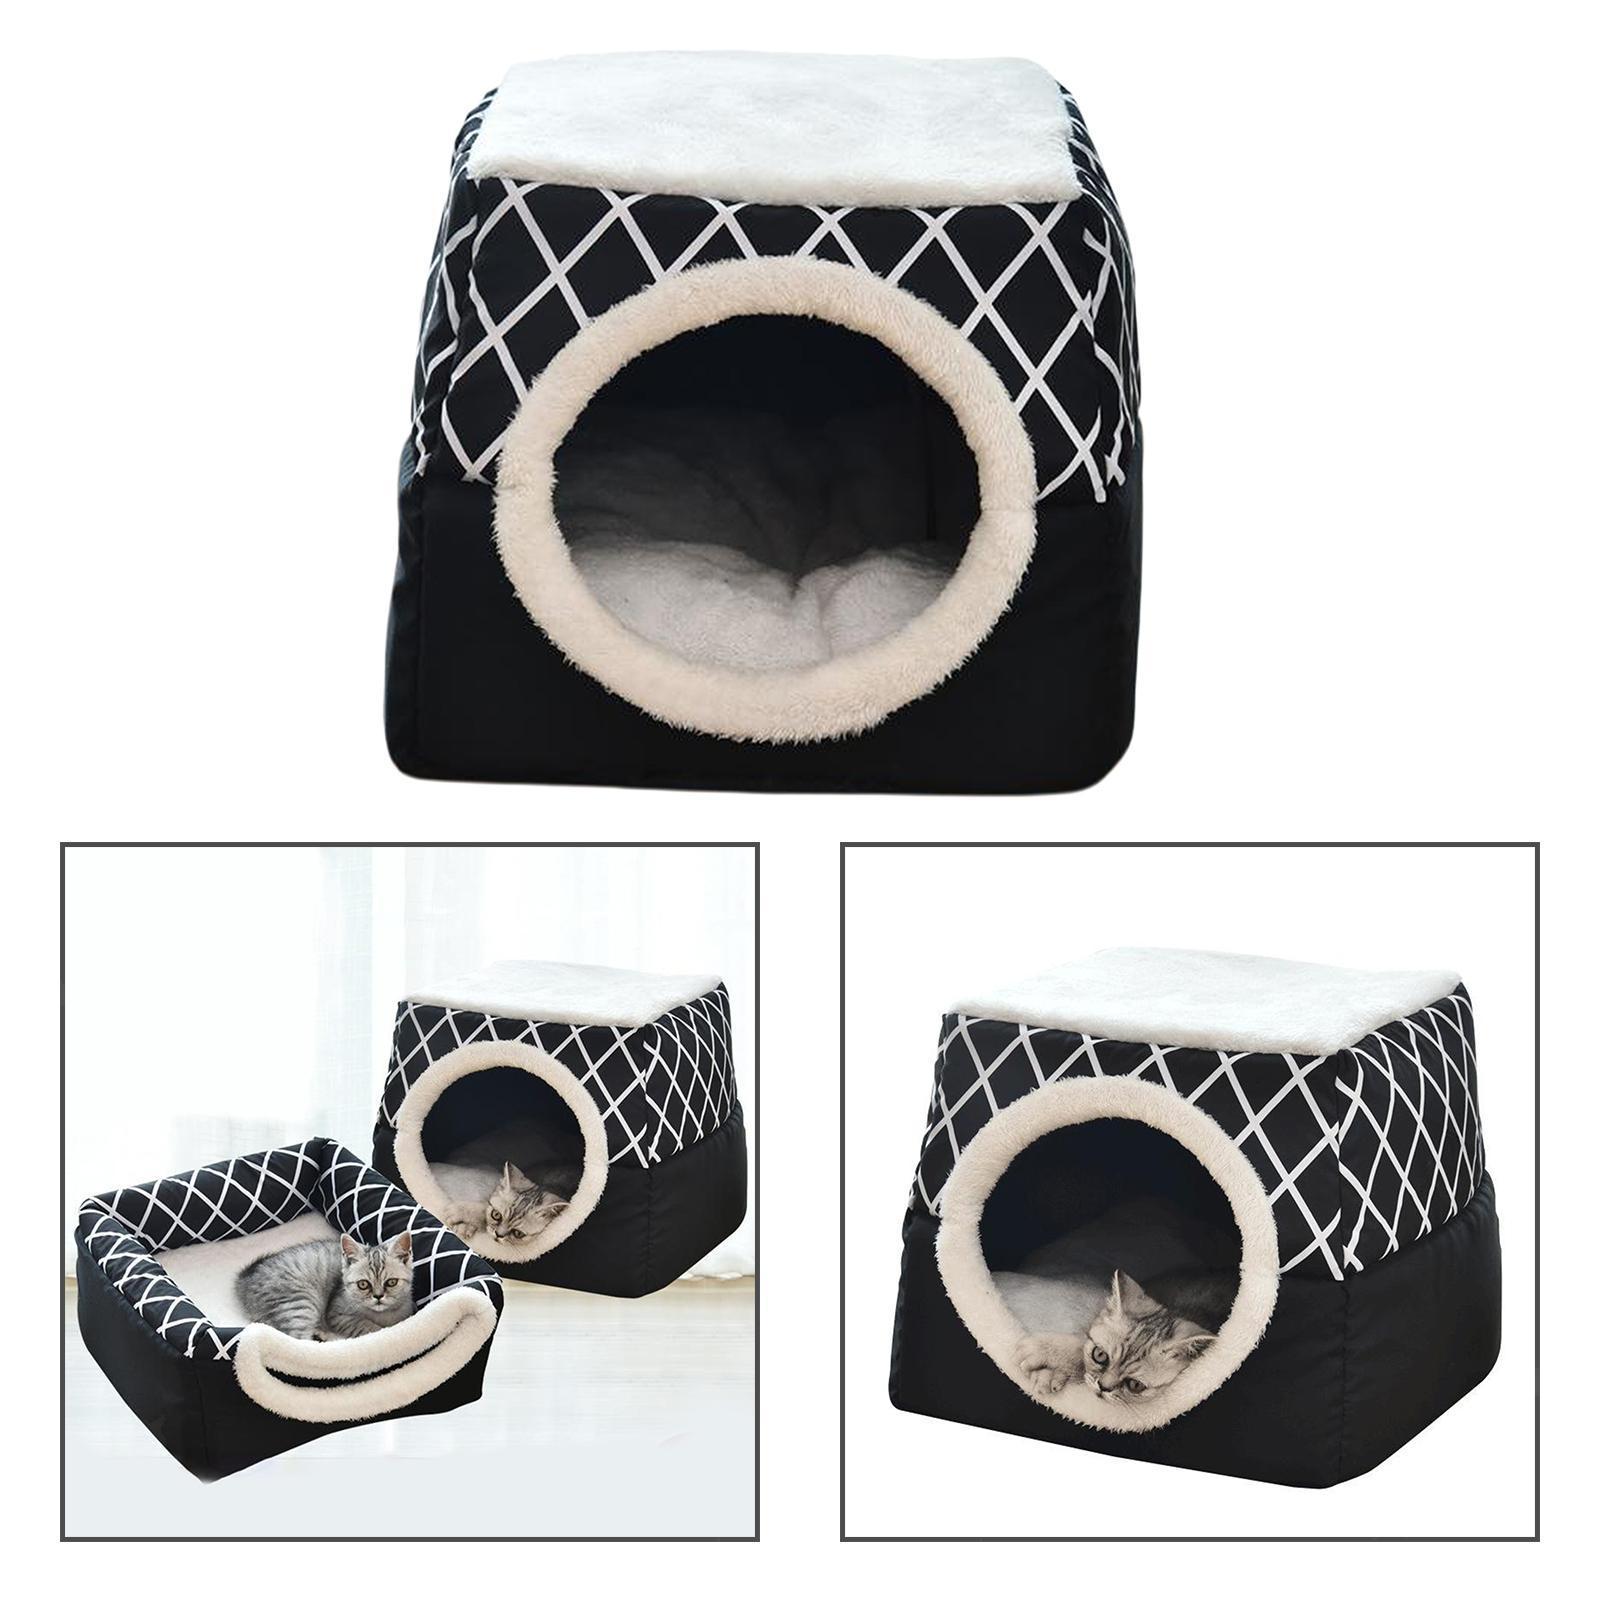 Indexbild 25 - 2-in-1-Weichen-Katzen-Haus-Schlafen-Bett-Zwinger-Puppy-Cave-Warme-Nest-Matte